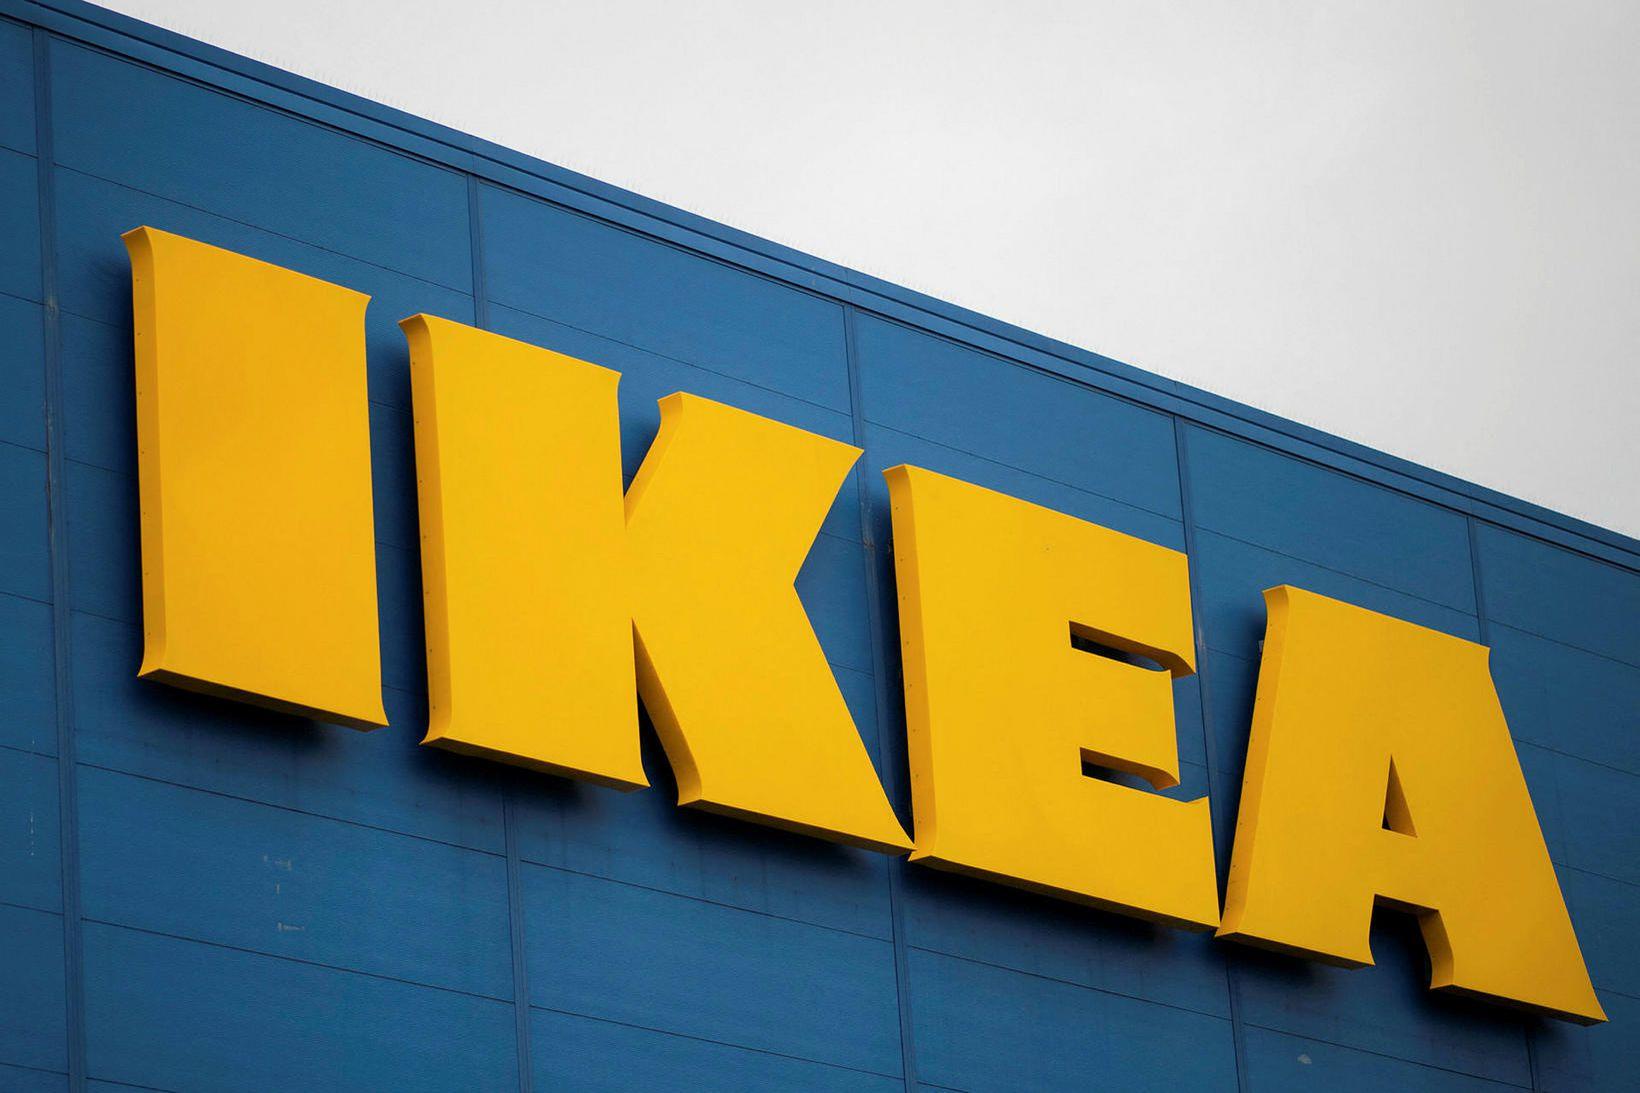 Ikea í Frakklandi hefur verið dæmt fyrir njósnir gagnvart starfsfólki.